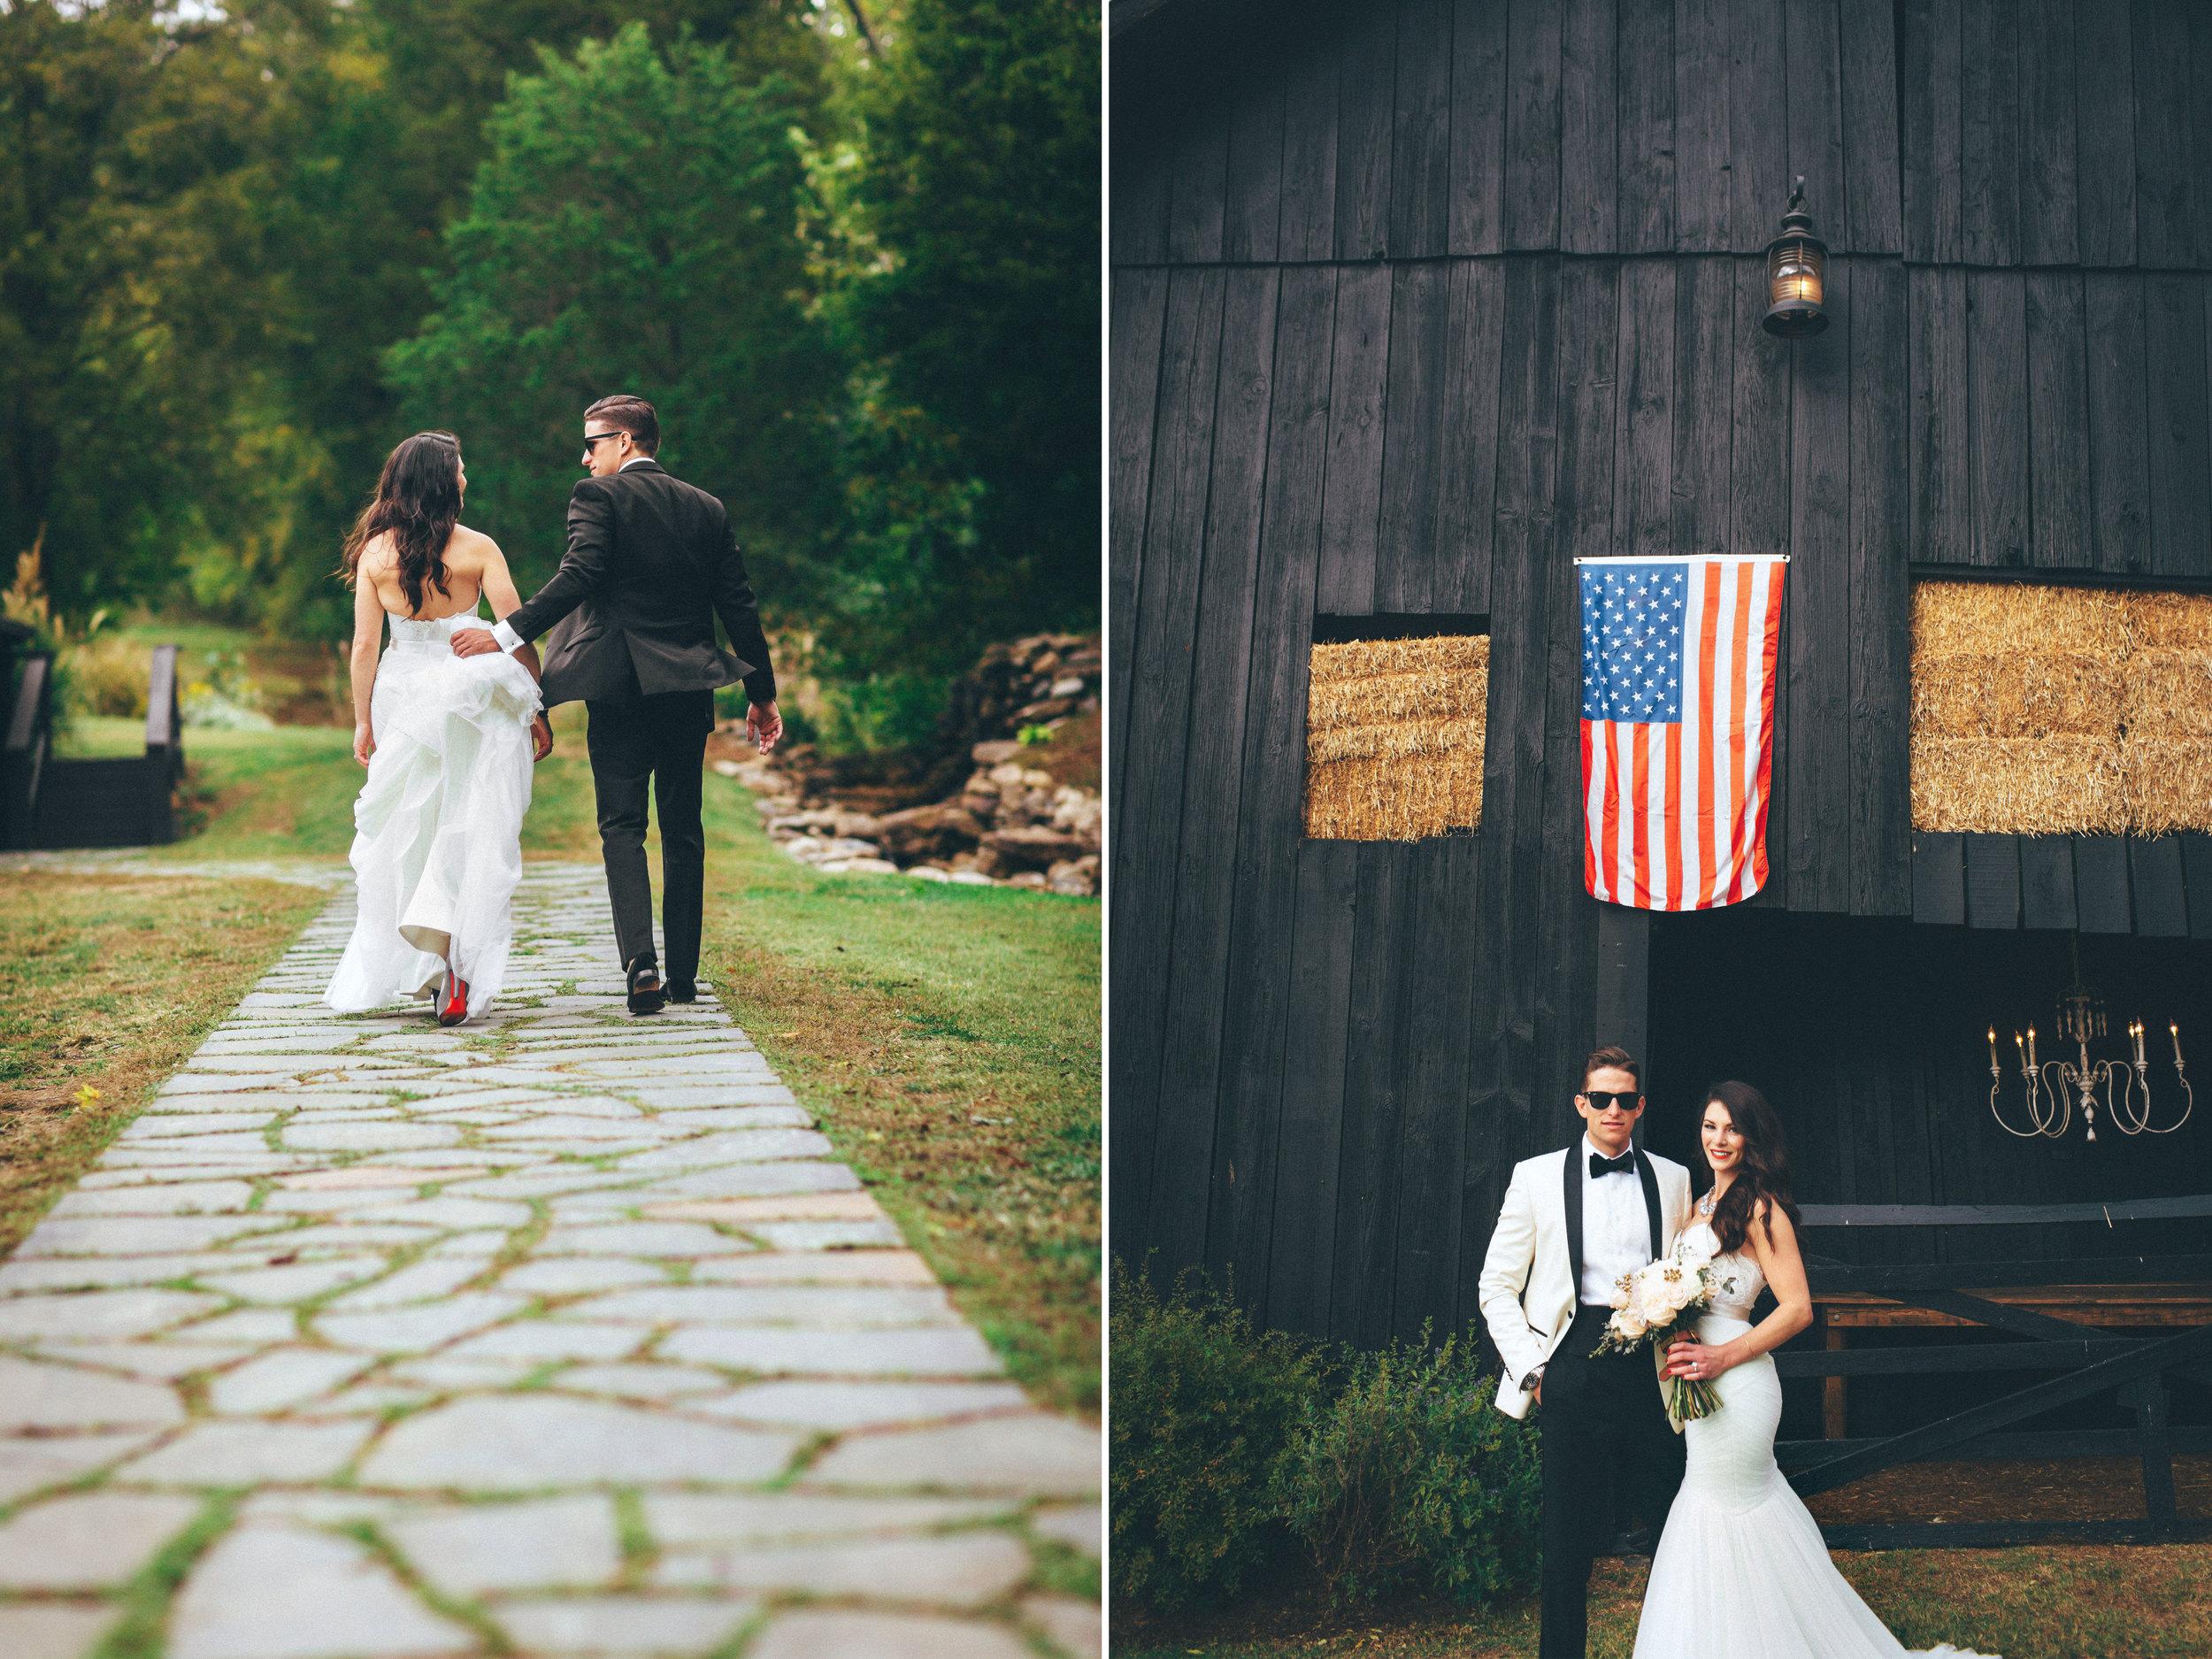 Me & Mr. Jones Wedding, Blue Wedding Shoes, Christian Louboutin Wedding Shoes, Magnanni Slippers, Black Tie Wedding, Cedarwood Wedding, Nashville Wedding, White Tuxedeo Jacket